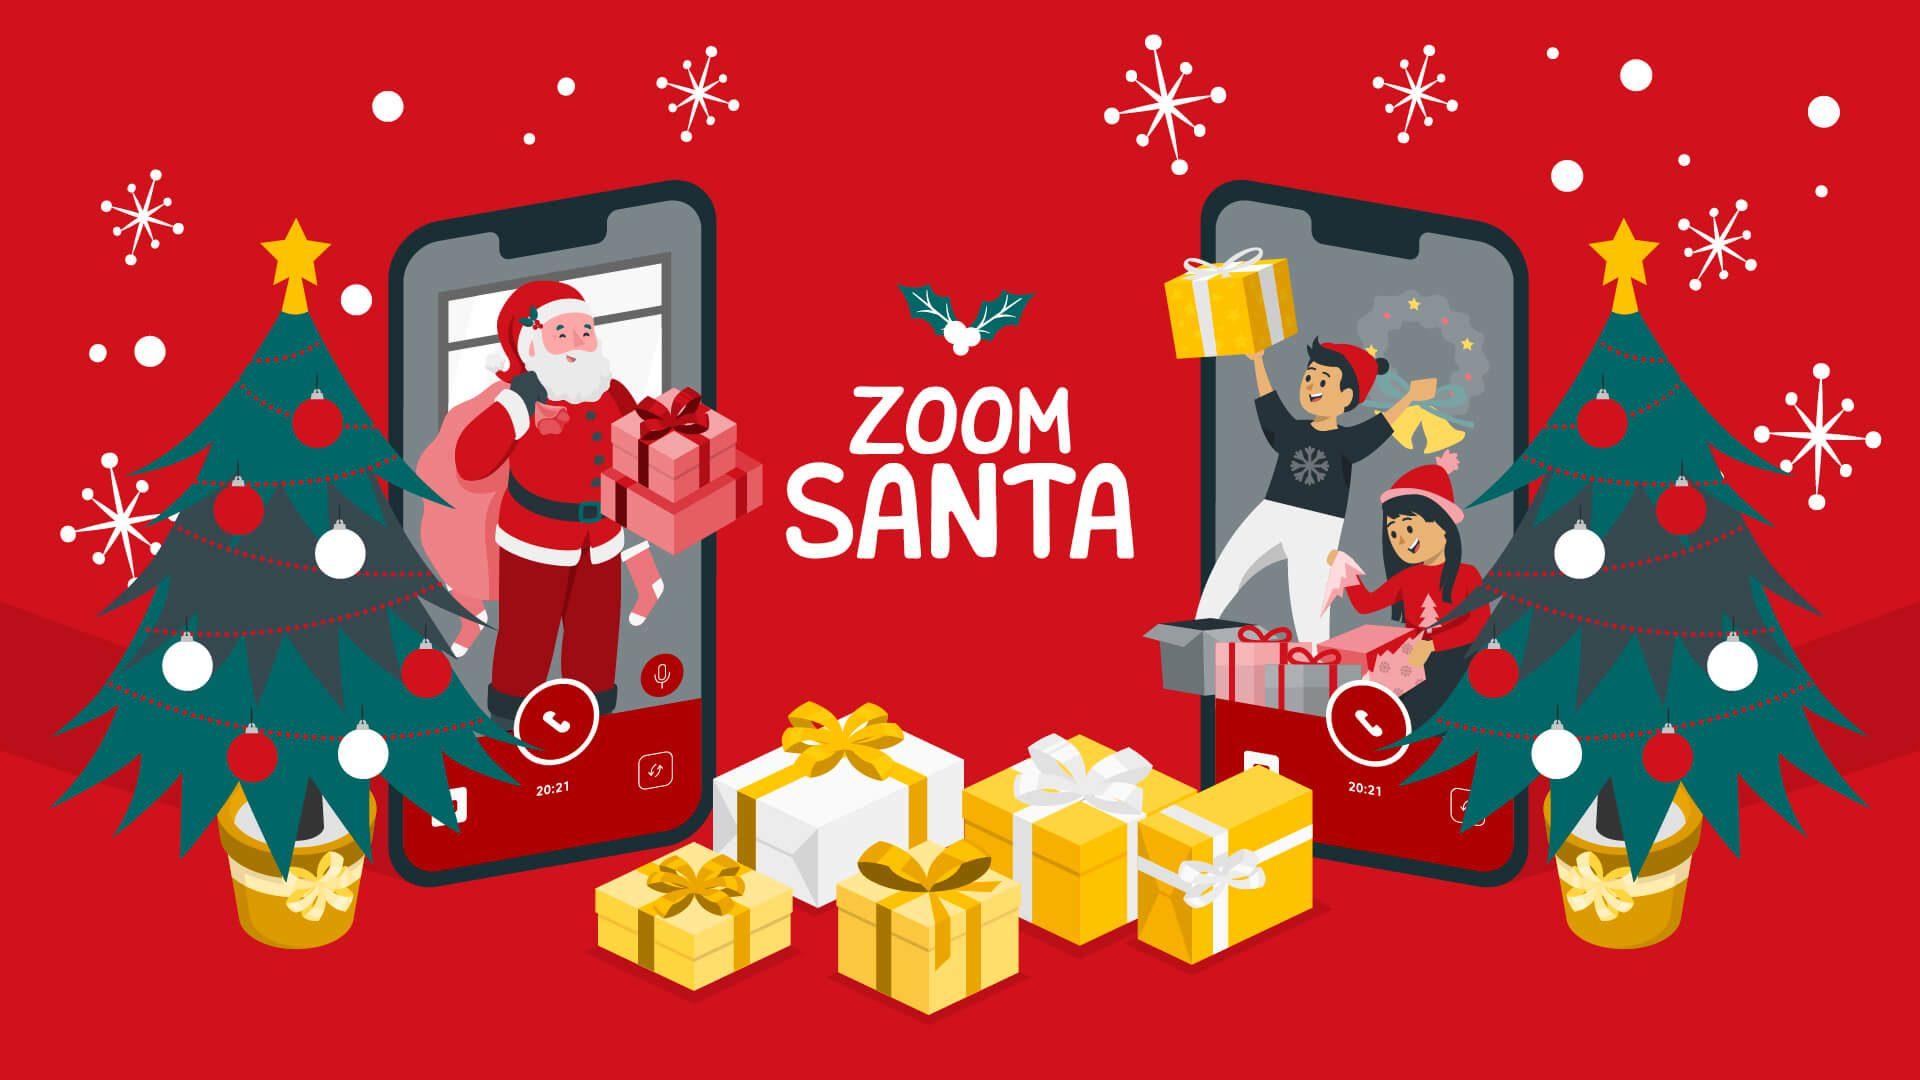 Δήμος Πειραιά : Zoom Santa - Ο Άγιος Βασίλης έρχεται φέτος ψηφιακά!